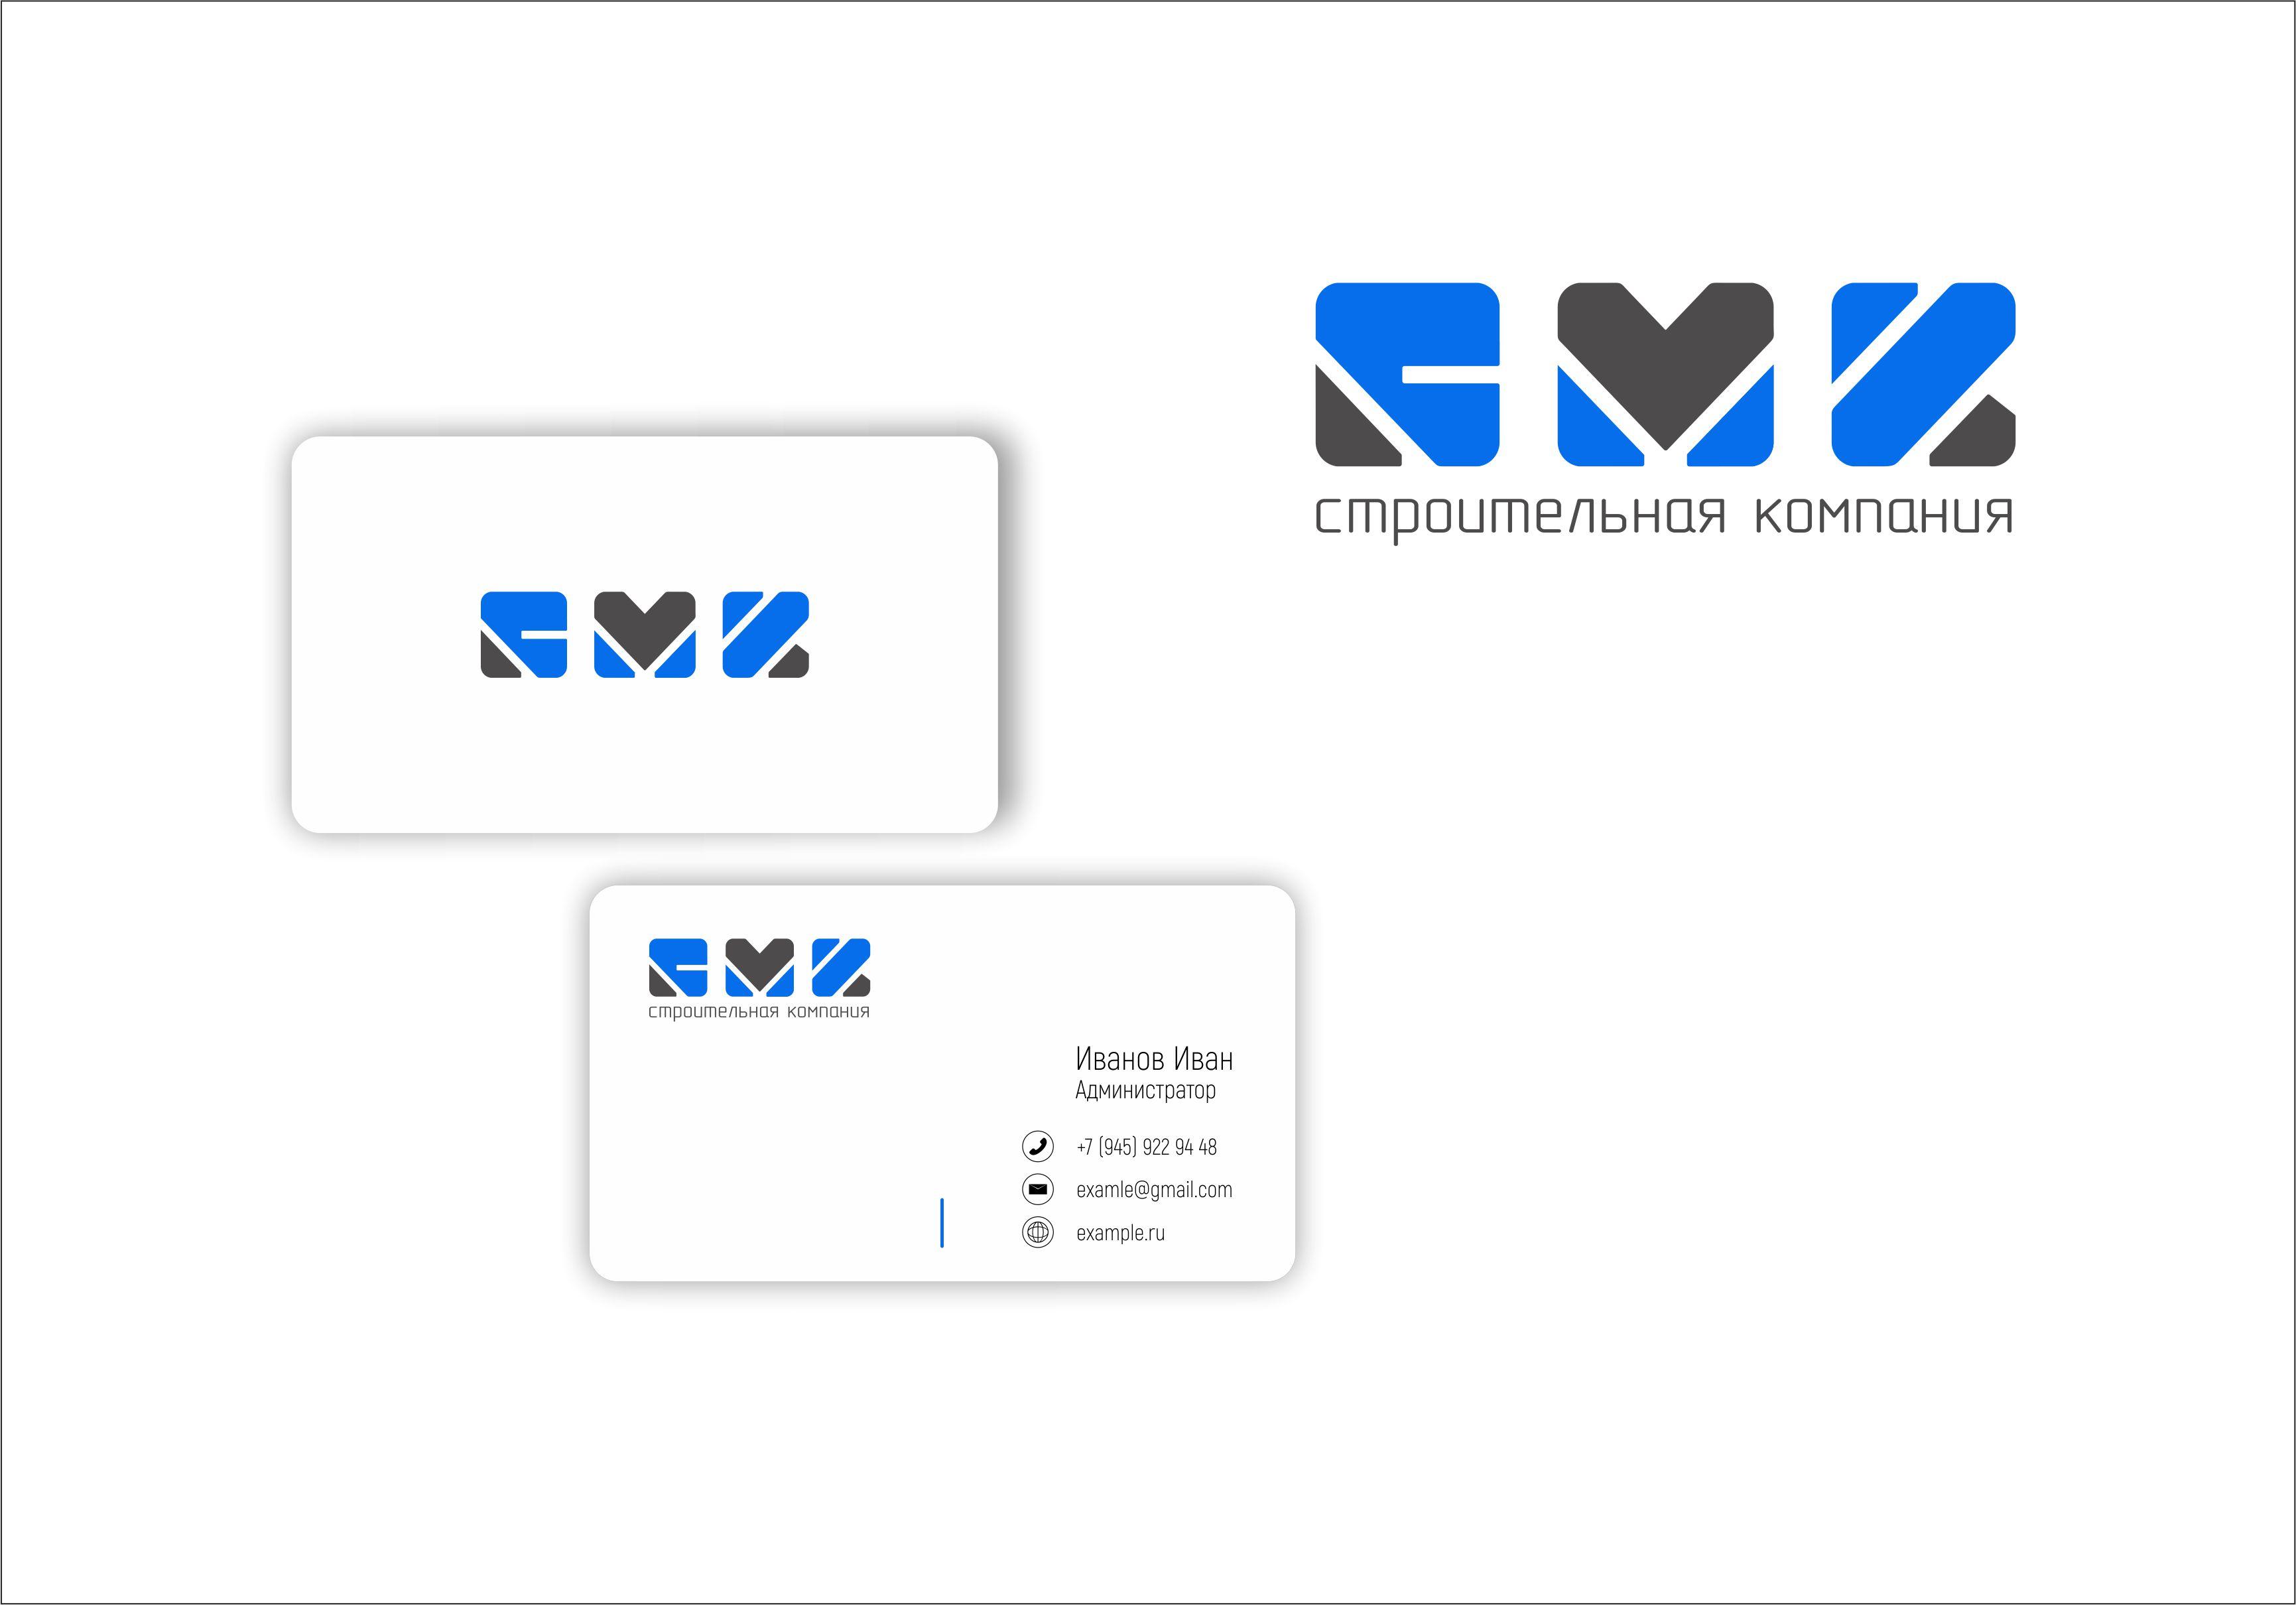 Разработка логотипа компании фото f_2045dd91279943d9.jpg